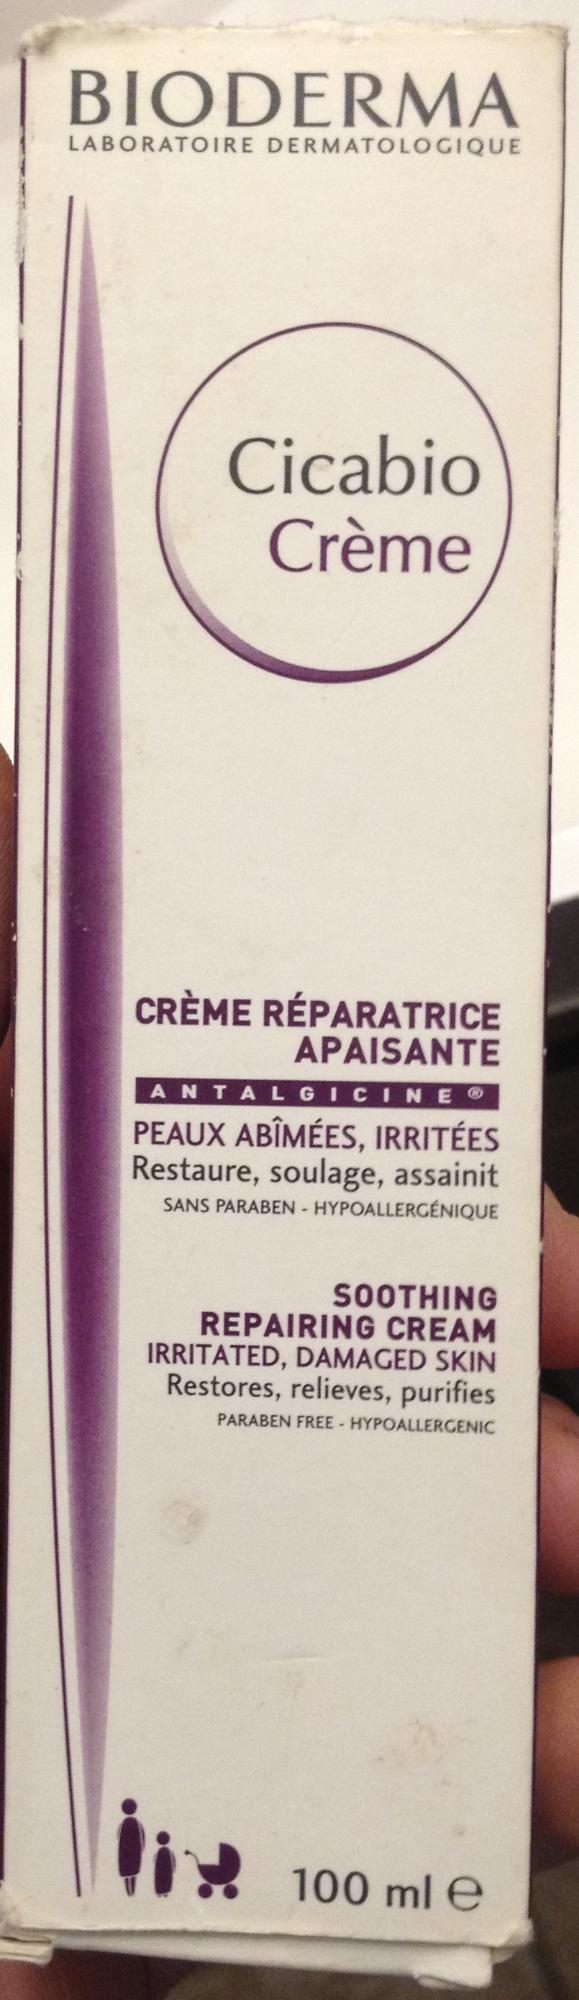 Cicabio crème - Produit - fr